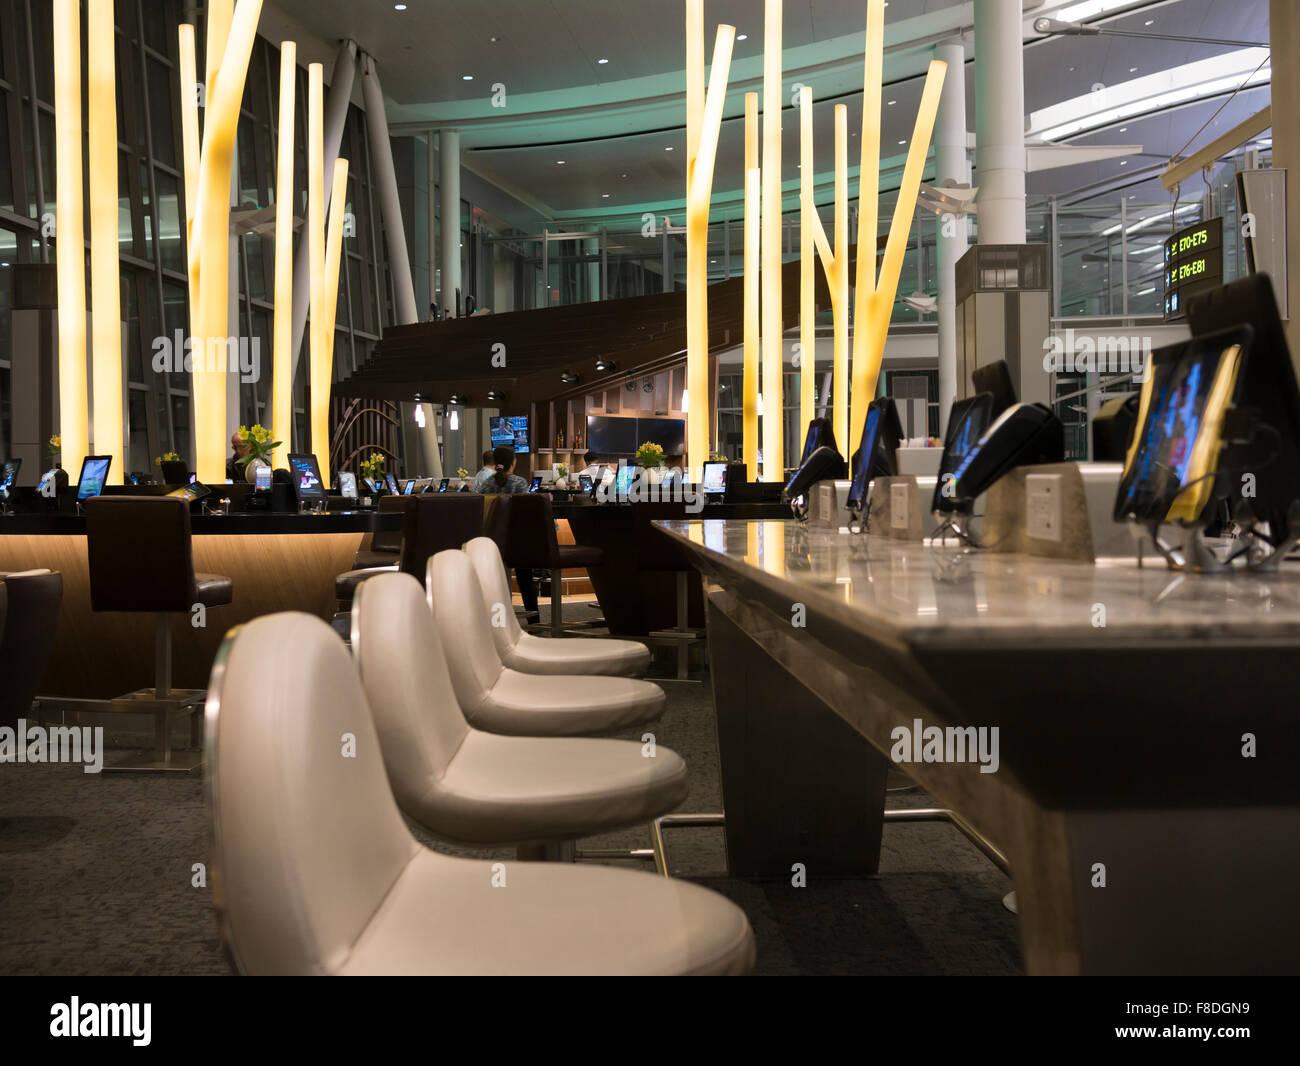 Toronto International Airport Terminal 1 partenza lounge food court; moderno e tavoli da pranzo collegato con compresse Immagini Stock